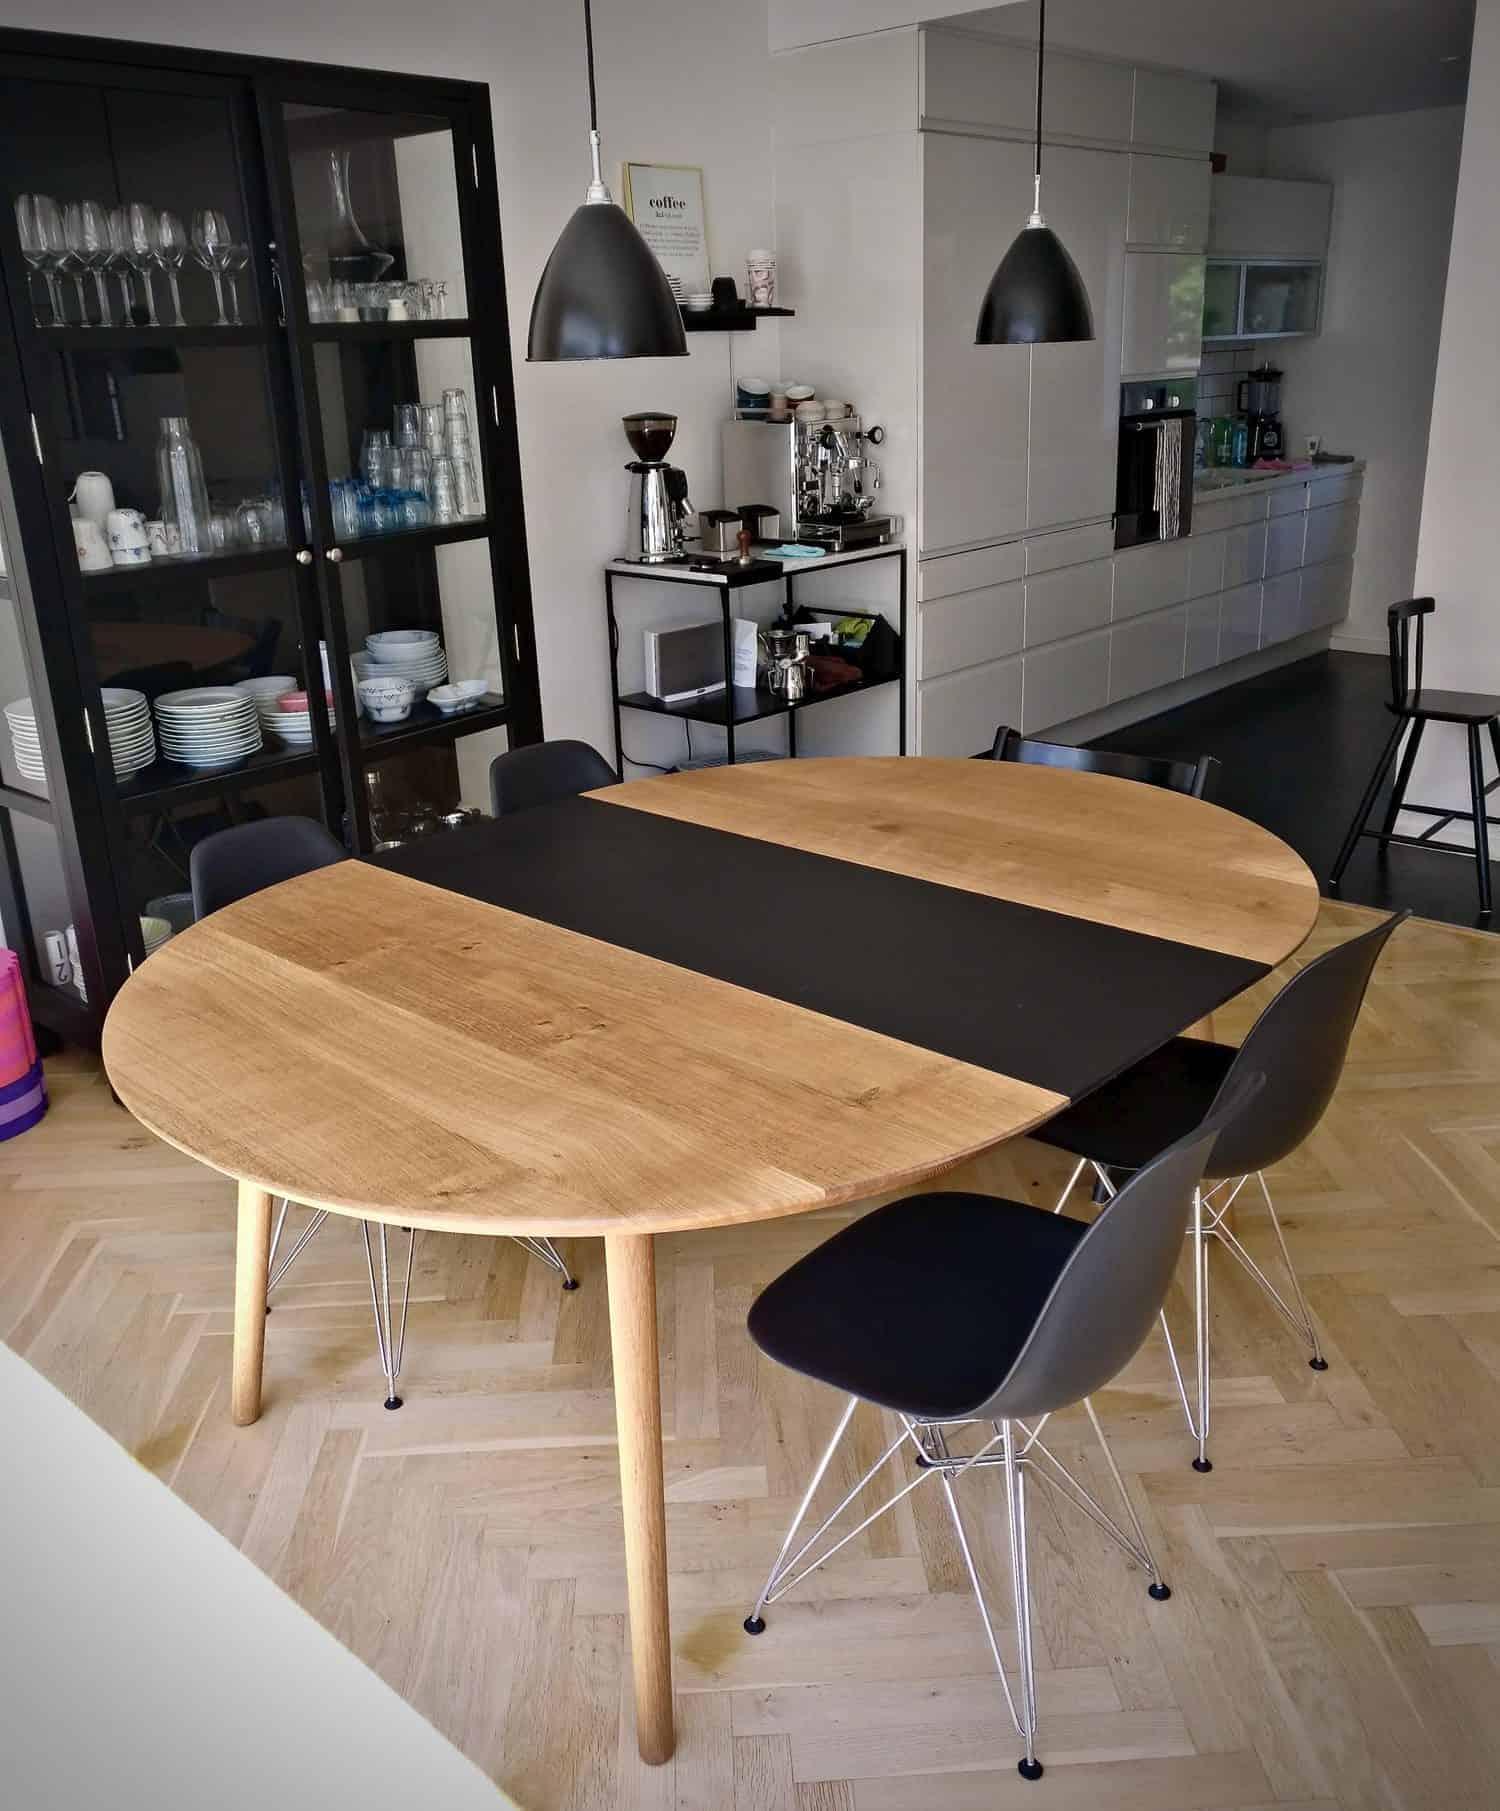 rundtbord rundbord ovalt bord bord i trae traebord traemobler kaerbygaard kaerbygård august 2020 9 scaled